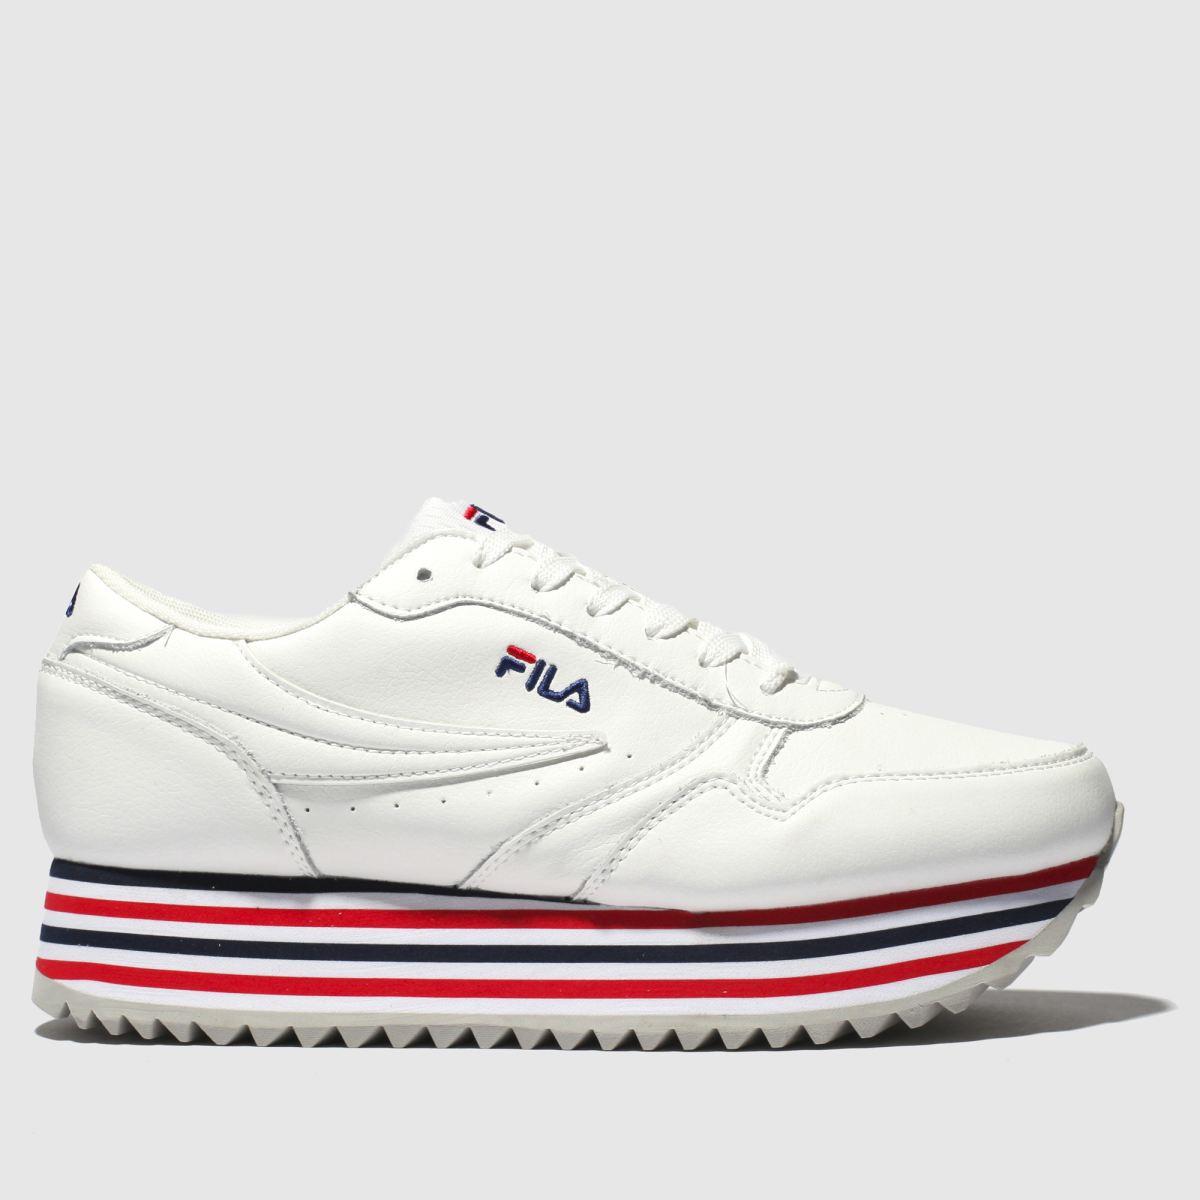 Children's Footwear Fila White & Navy Orbit Zeppa Trainers